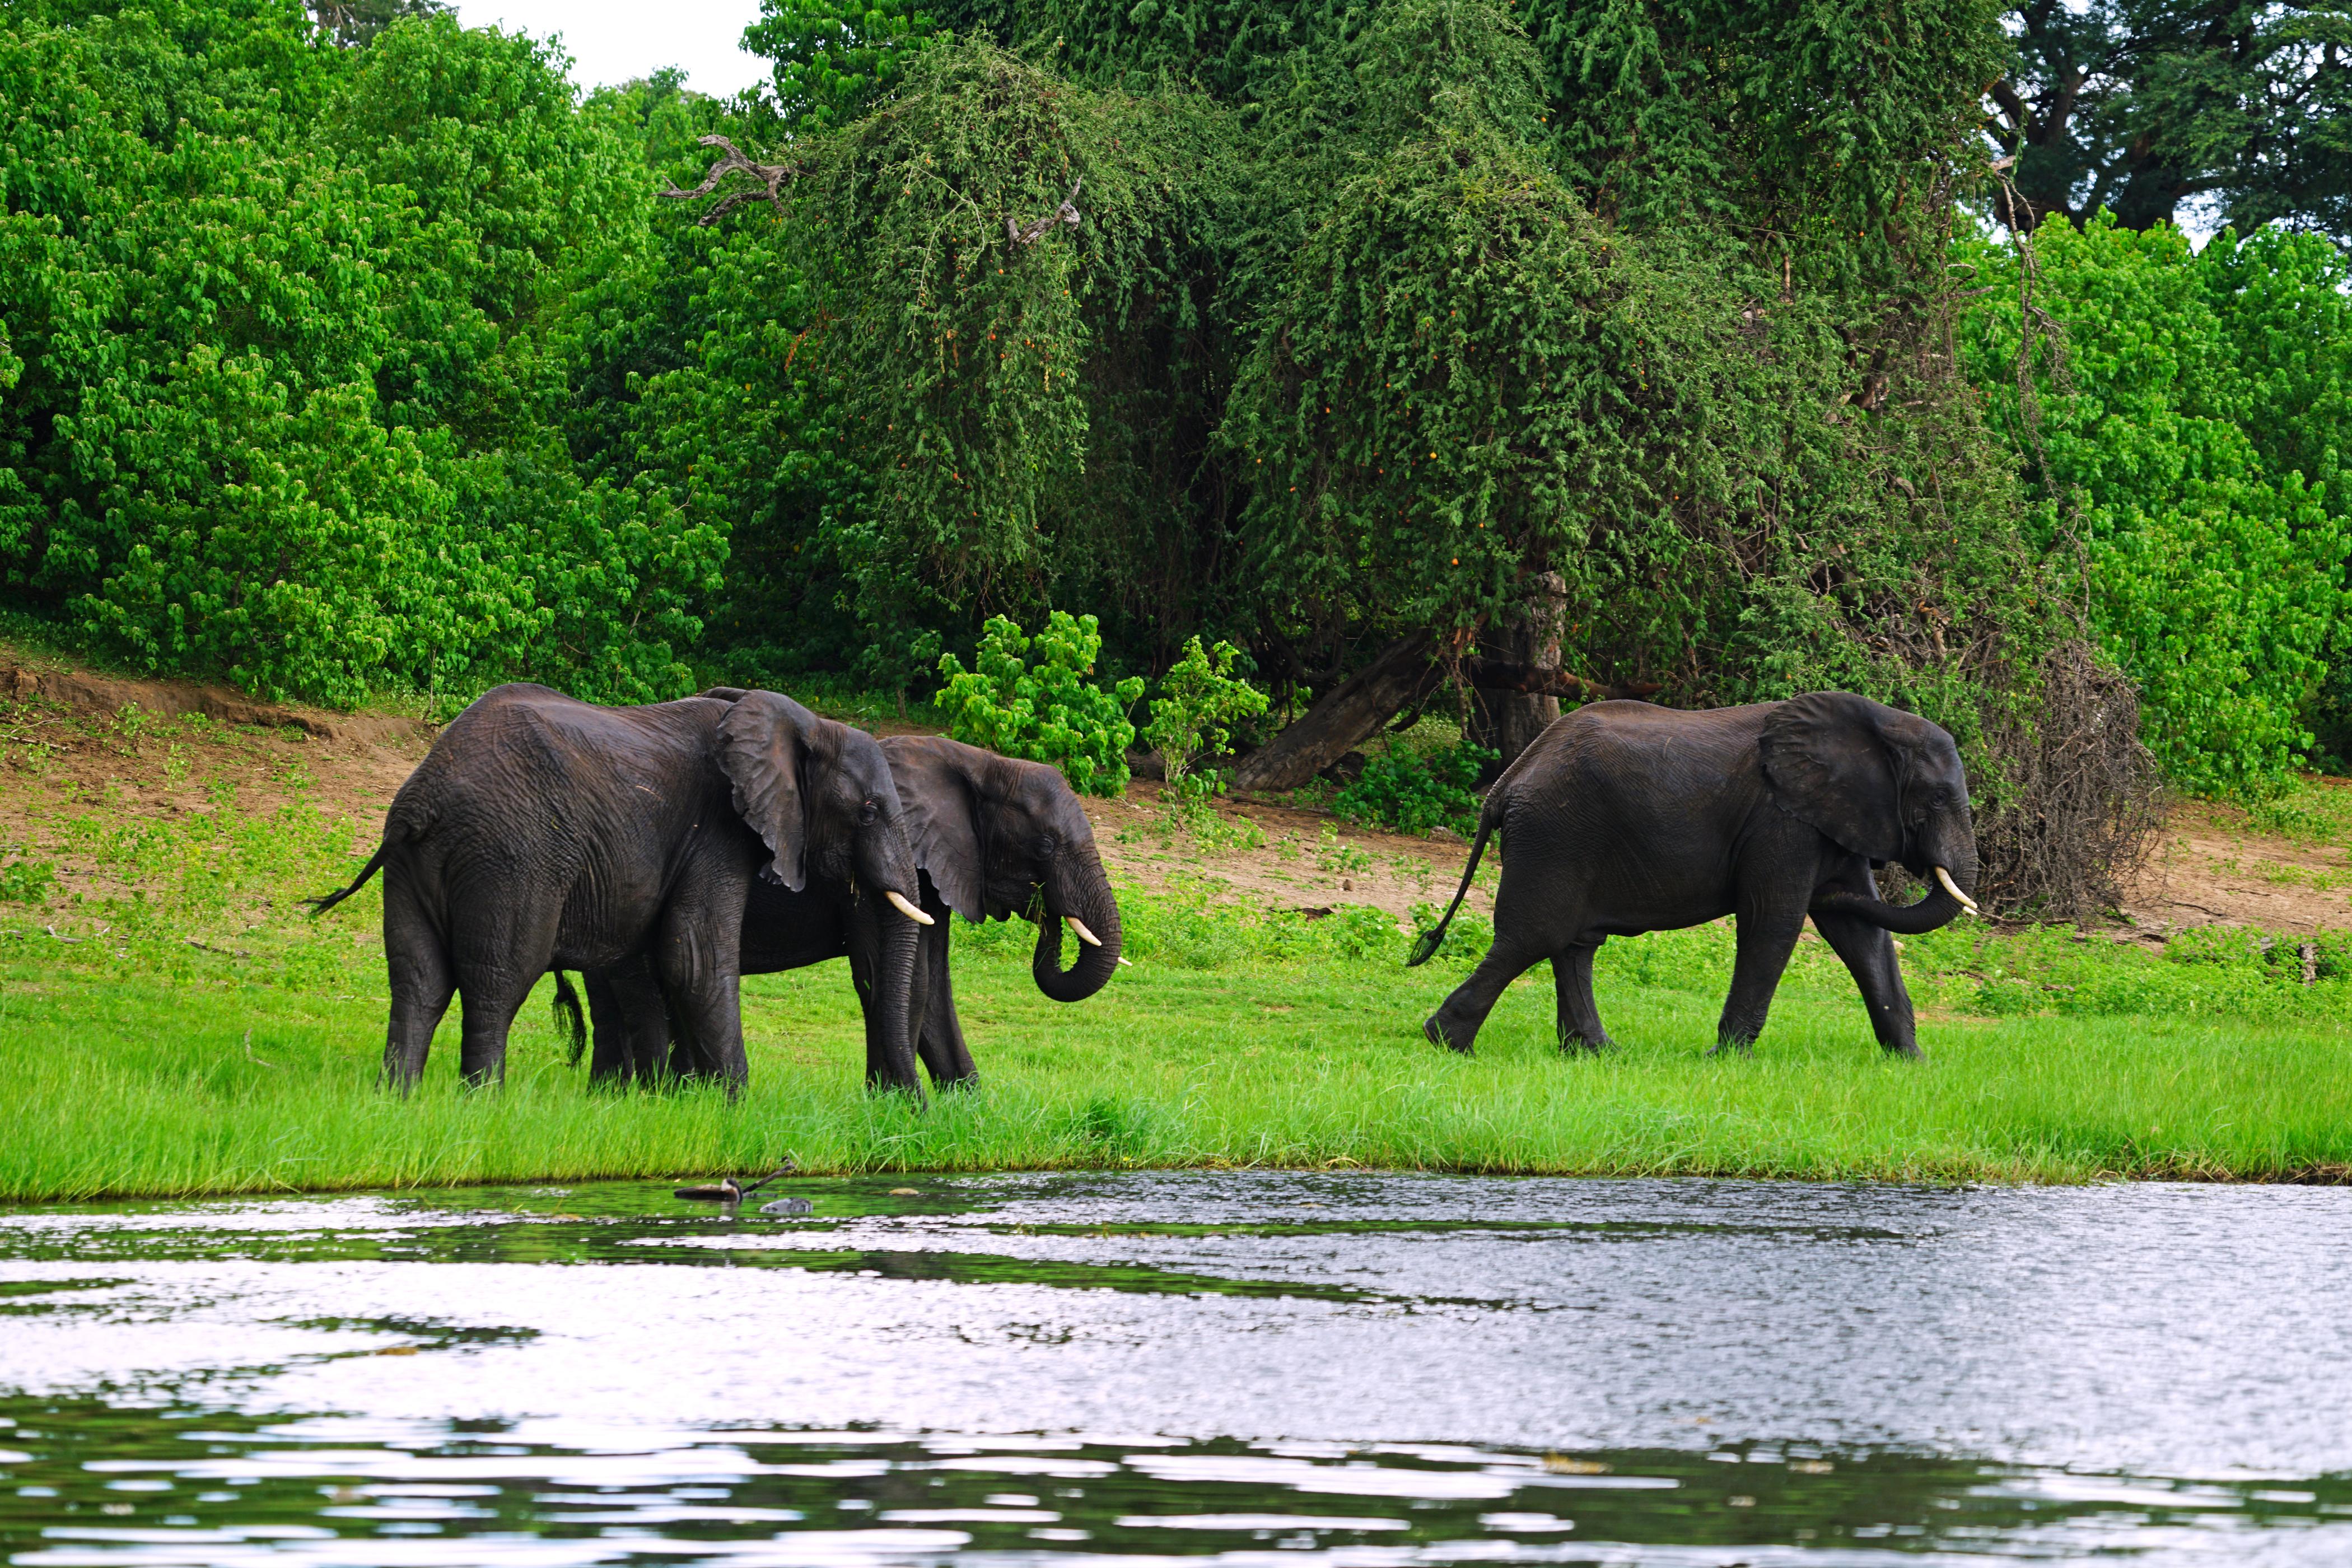 Картинка Слоны Трое 3 берег Животные три втроем Побережье животное